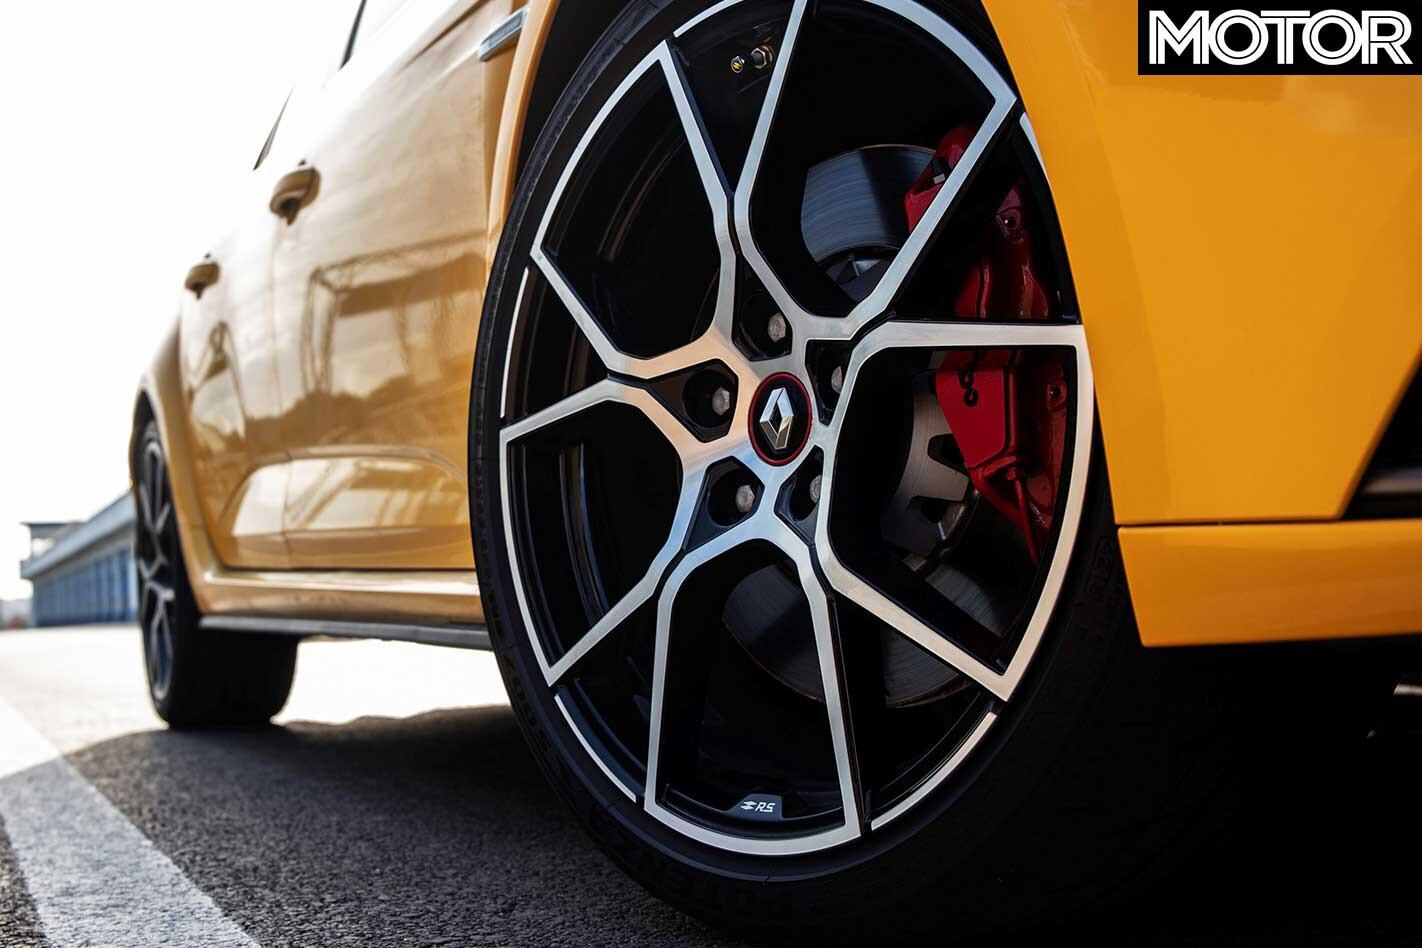 2019 Renault Megane RS 300 Trophy Wheel Brake Jpg